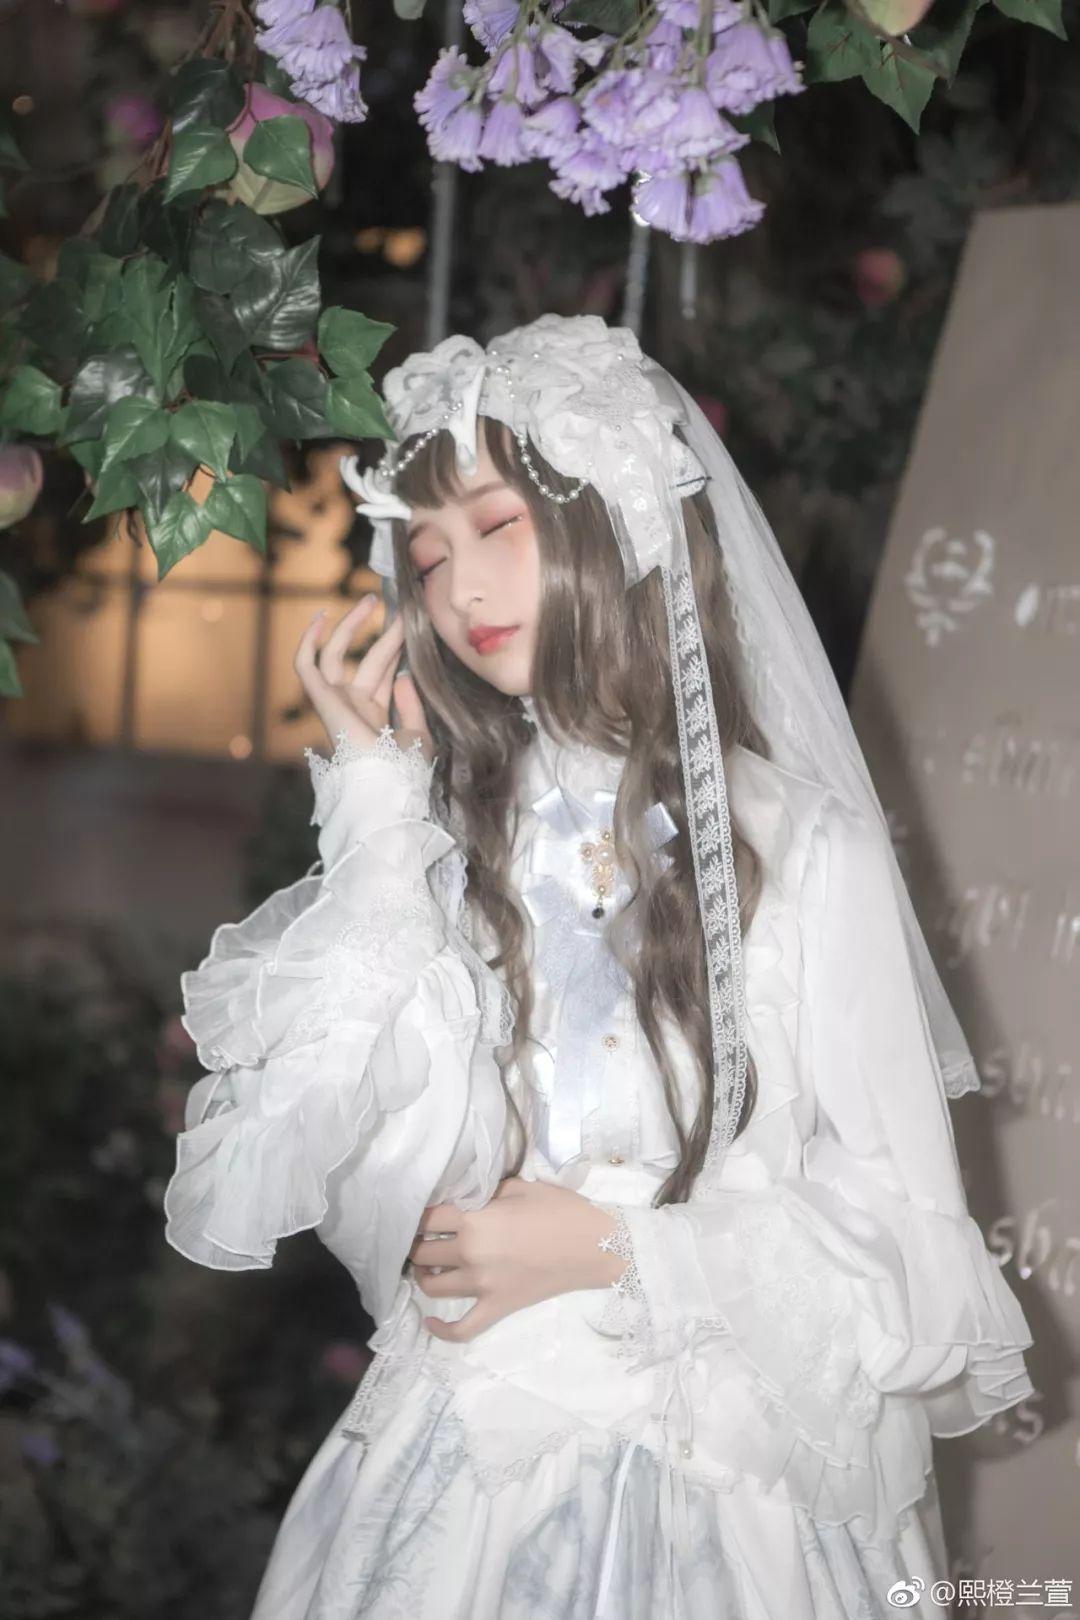 妹子摄影 – Lolita花嫁美少女@熙橙兰萱_图片 No.3